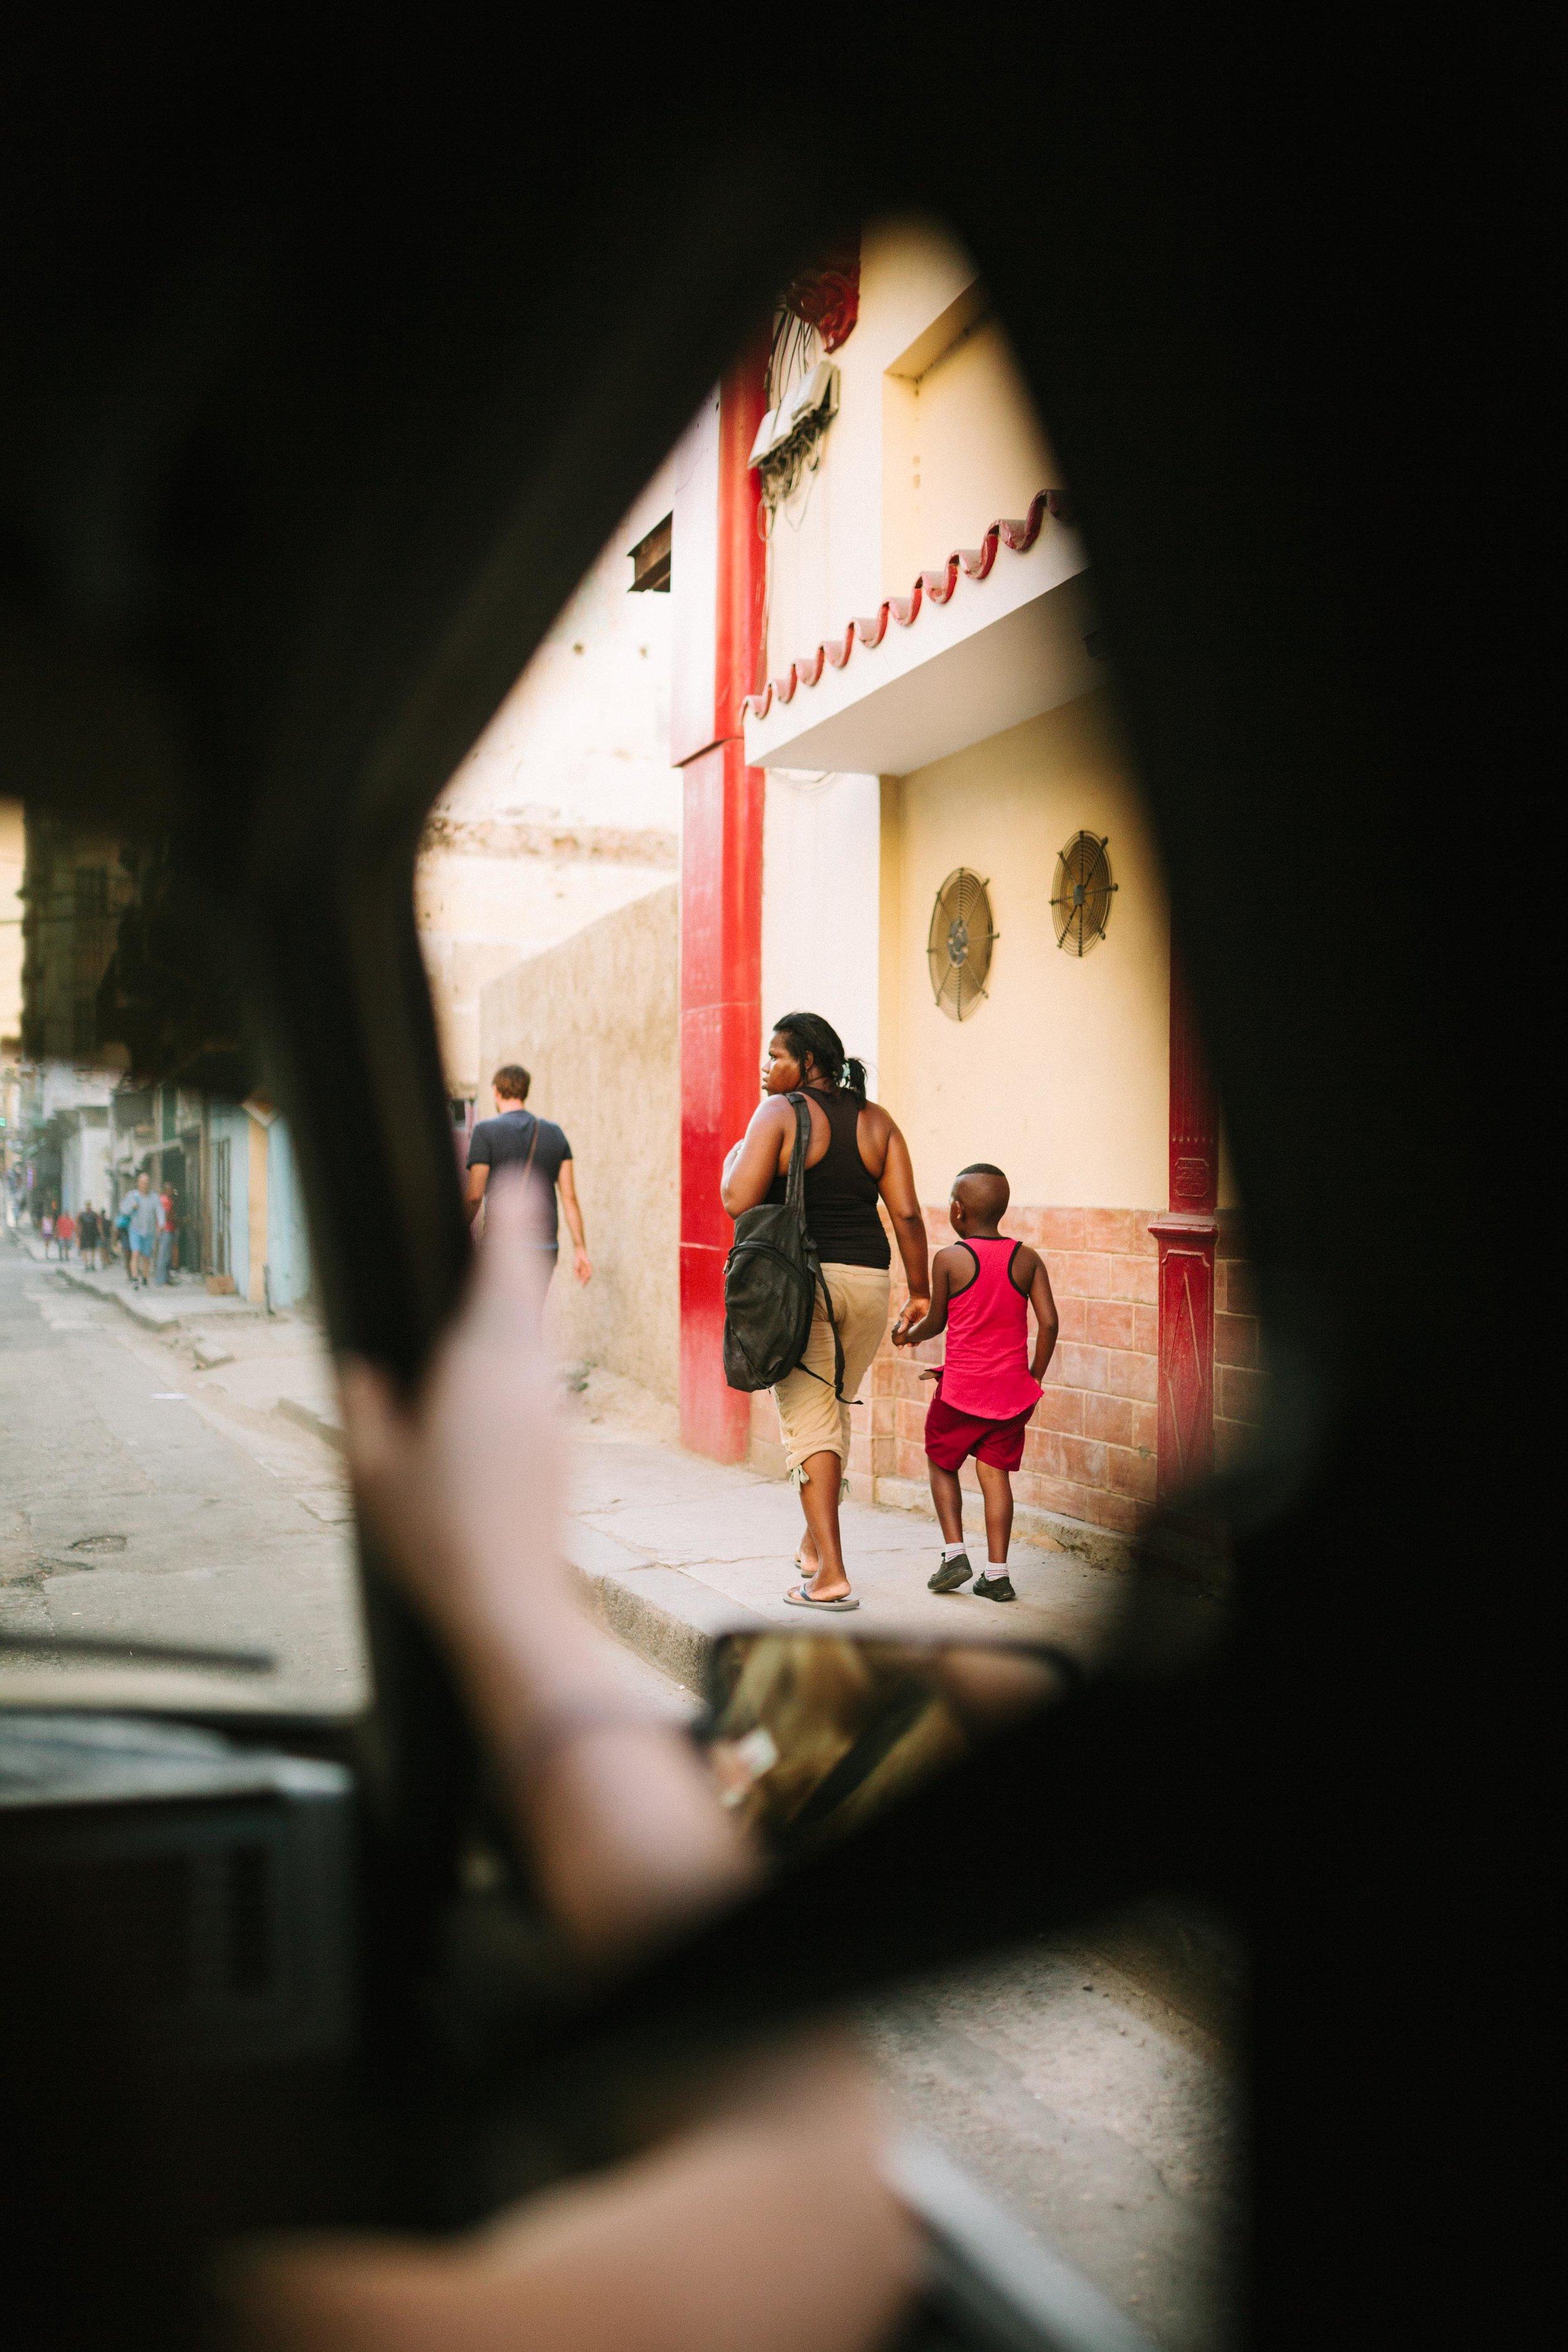 Cuba2017-9.jpg